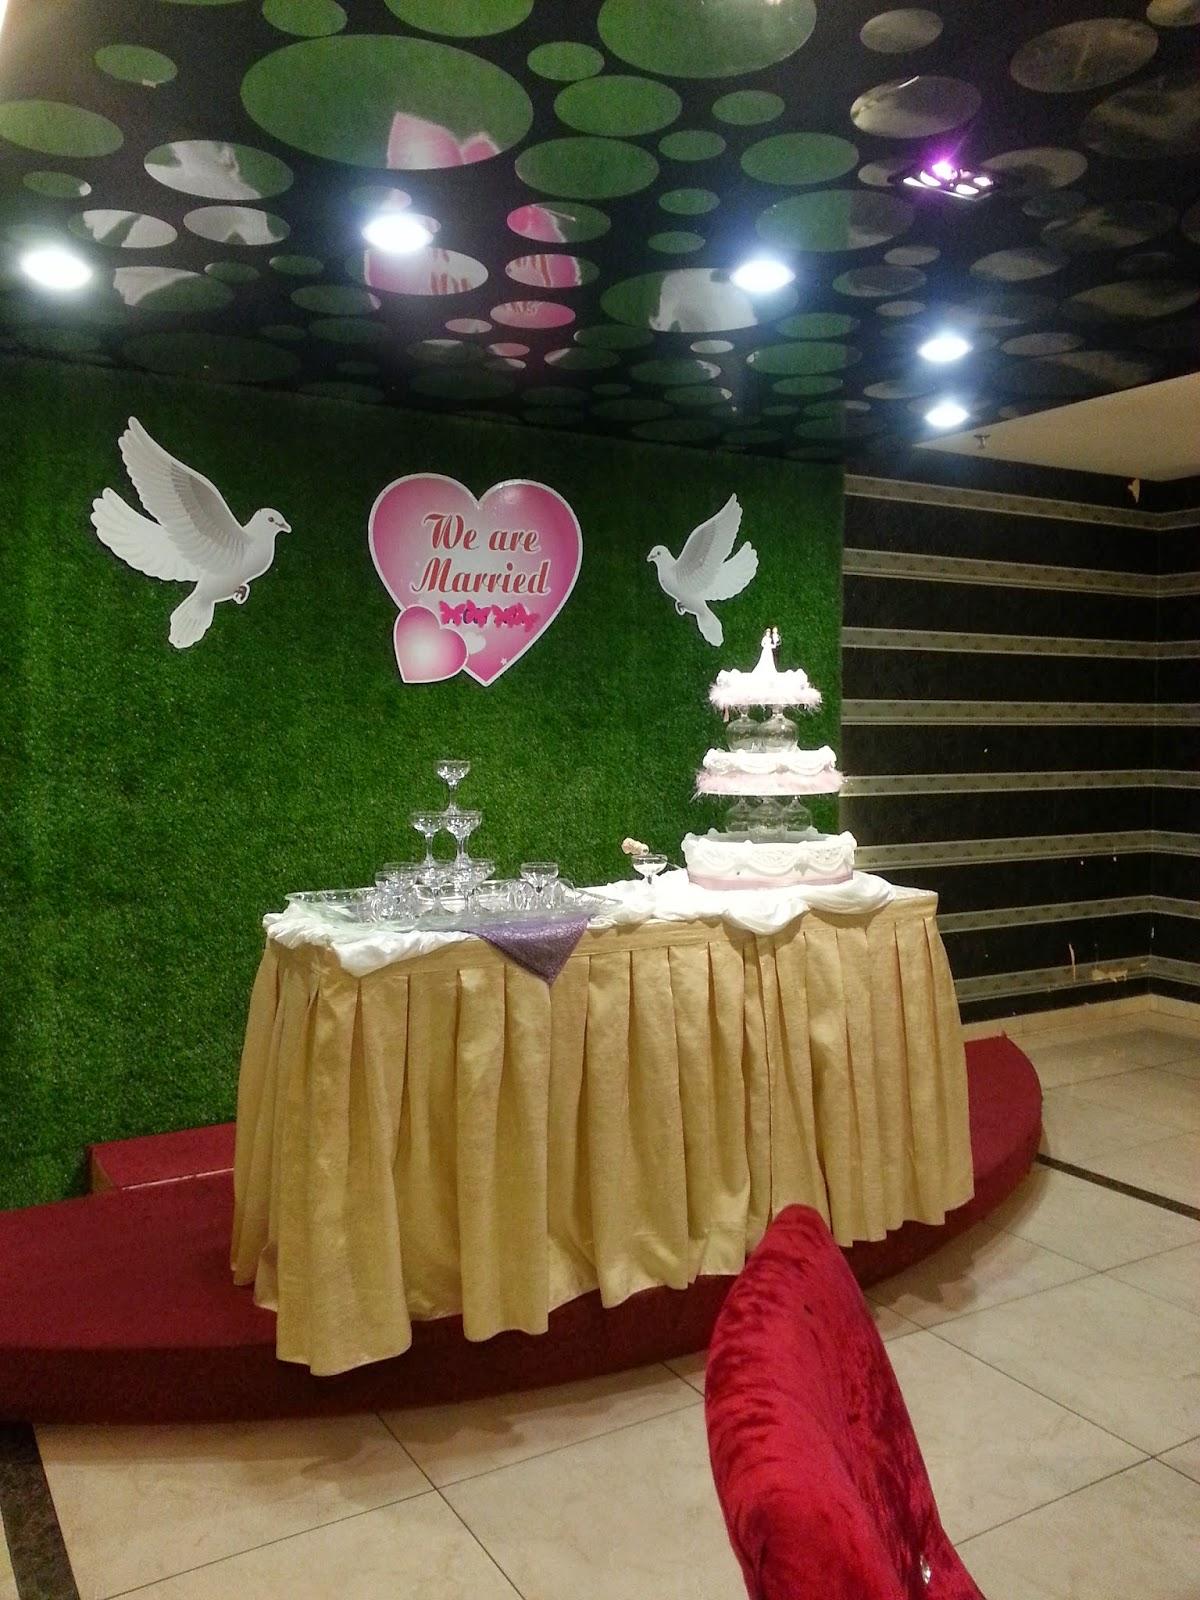 Petite freckles johor other possible wedding venue 51 jalan indah 152 taman bukit indah jb 81200 07 235 8933 junglespirit Image collections